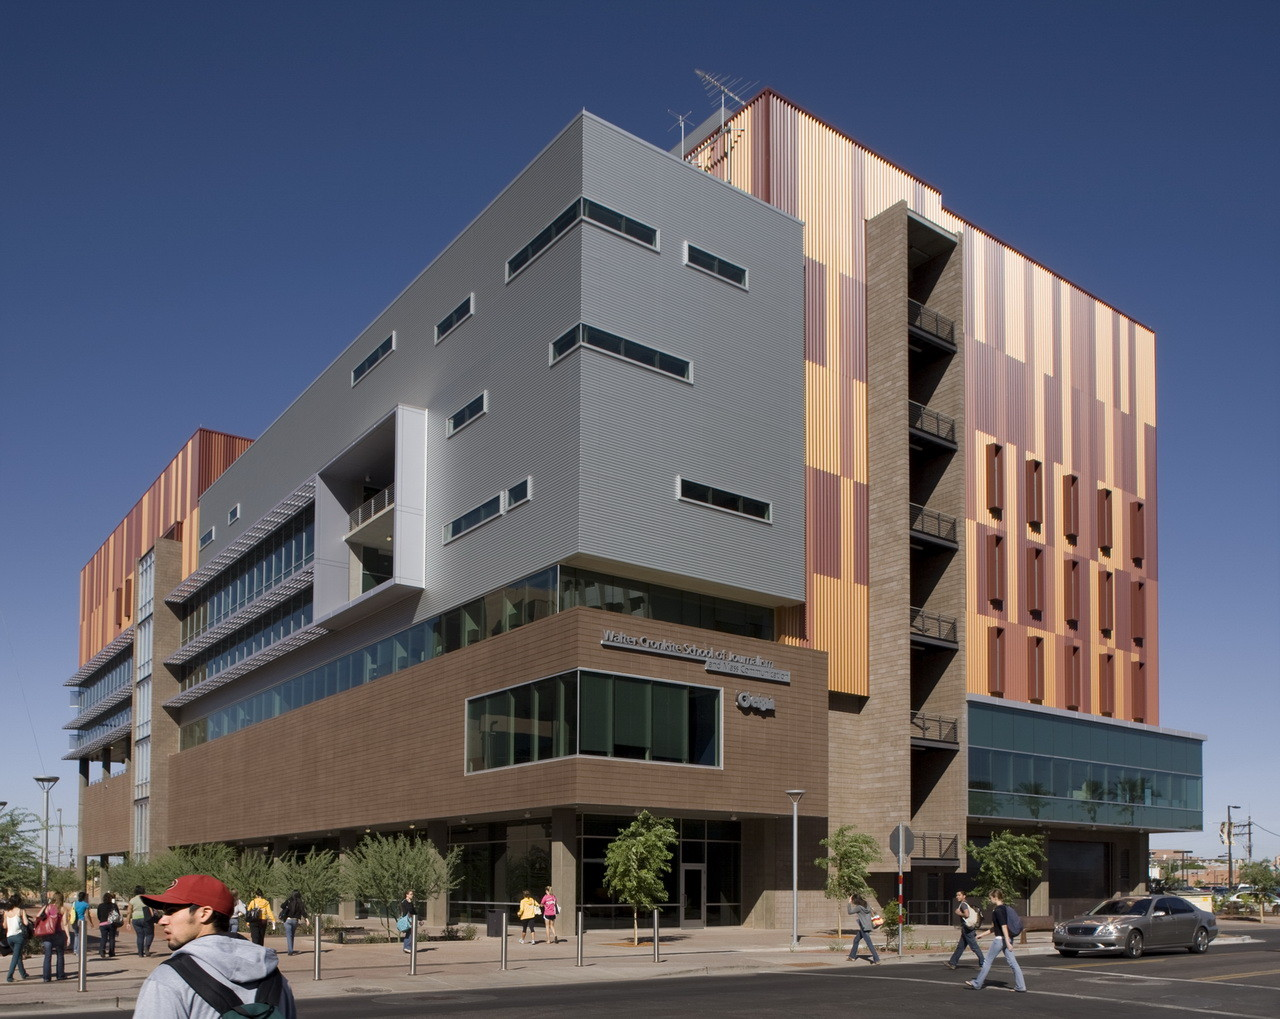 Arizona State University Walter Cronkite School of Journalism & Mass Communication / Ehrlich Architects, © Bill Timmerman